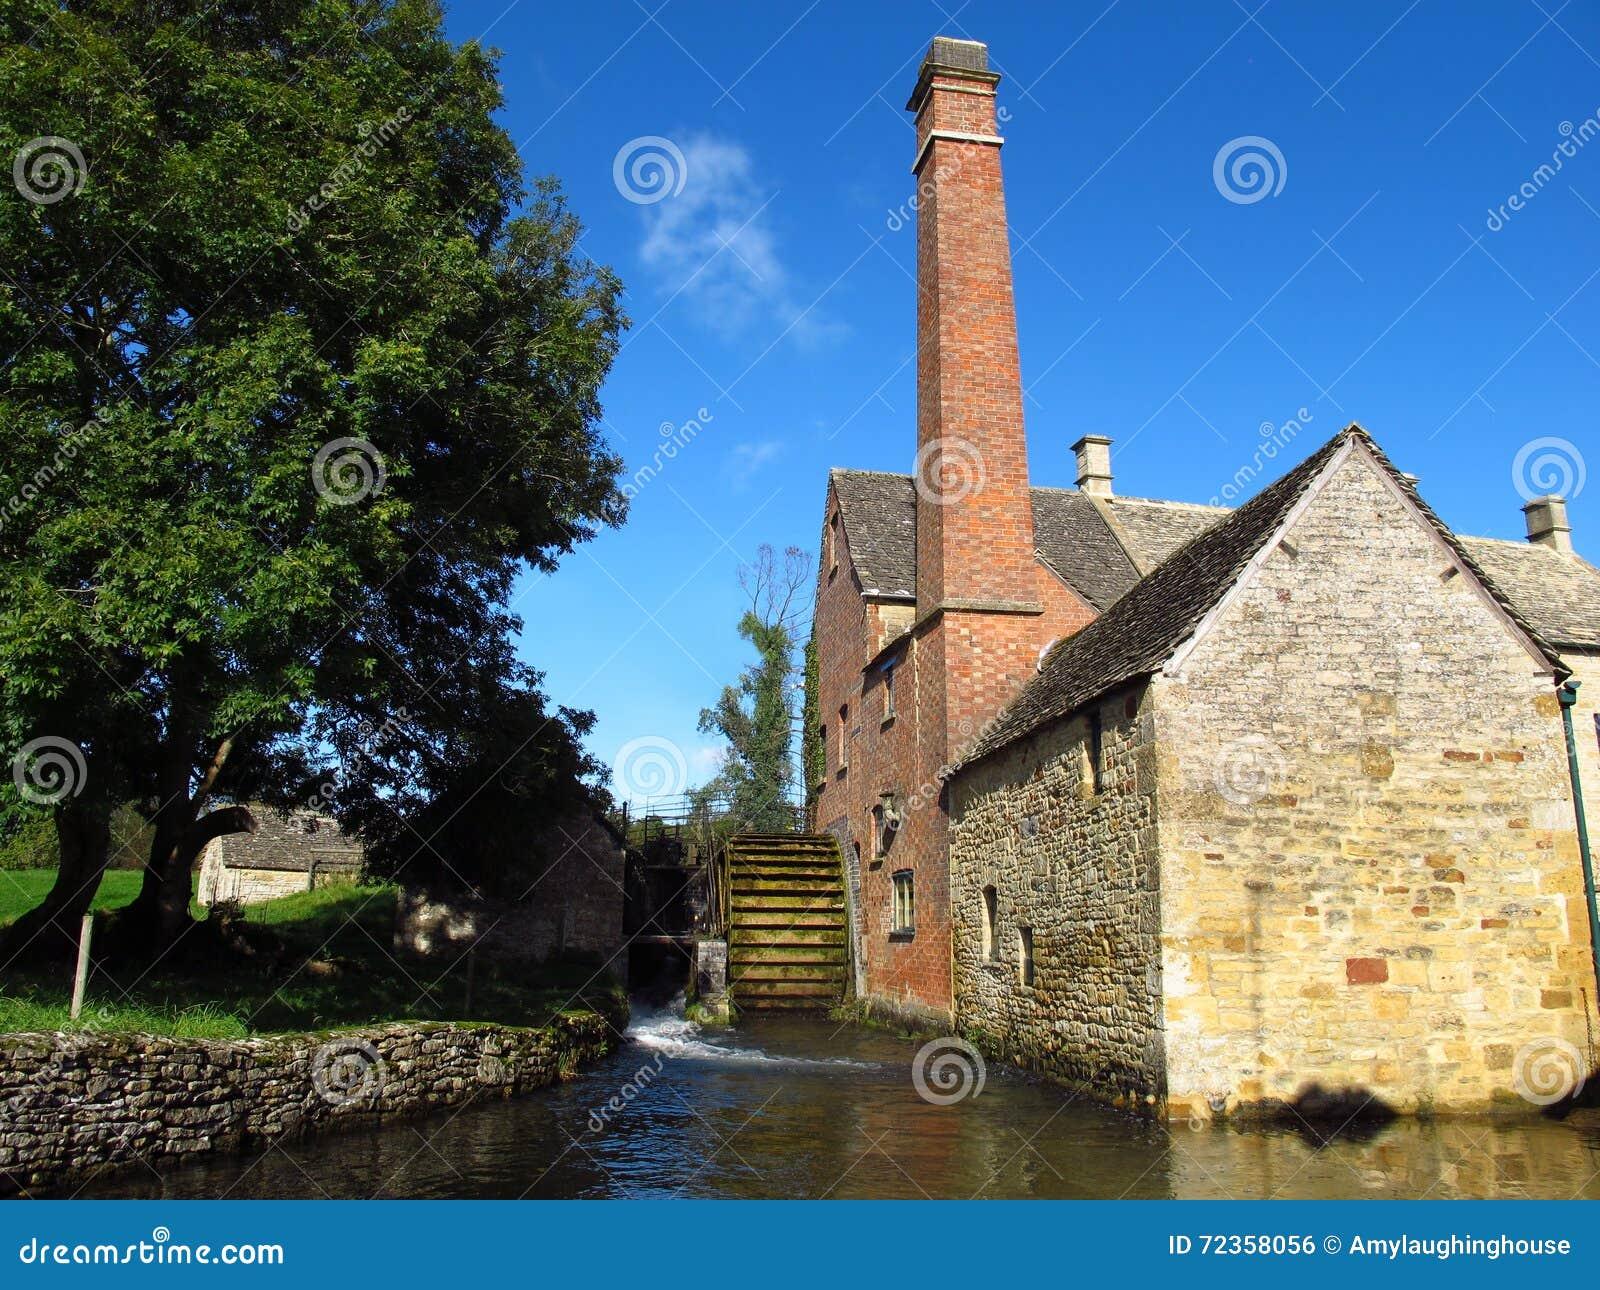 Χαμηλότεροι του χωριού υδρόμυλος και ρεύμα σφαγής της Αγγλίας Cotswolds